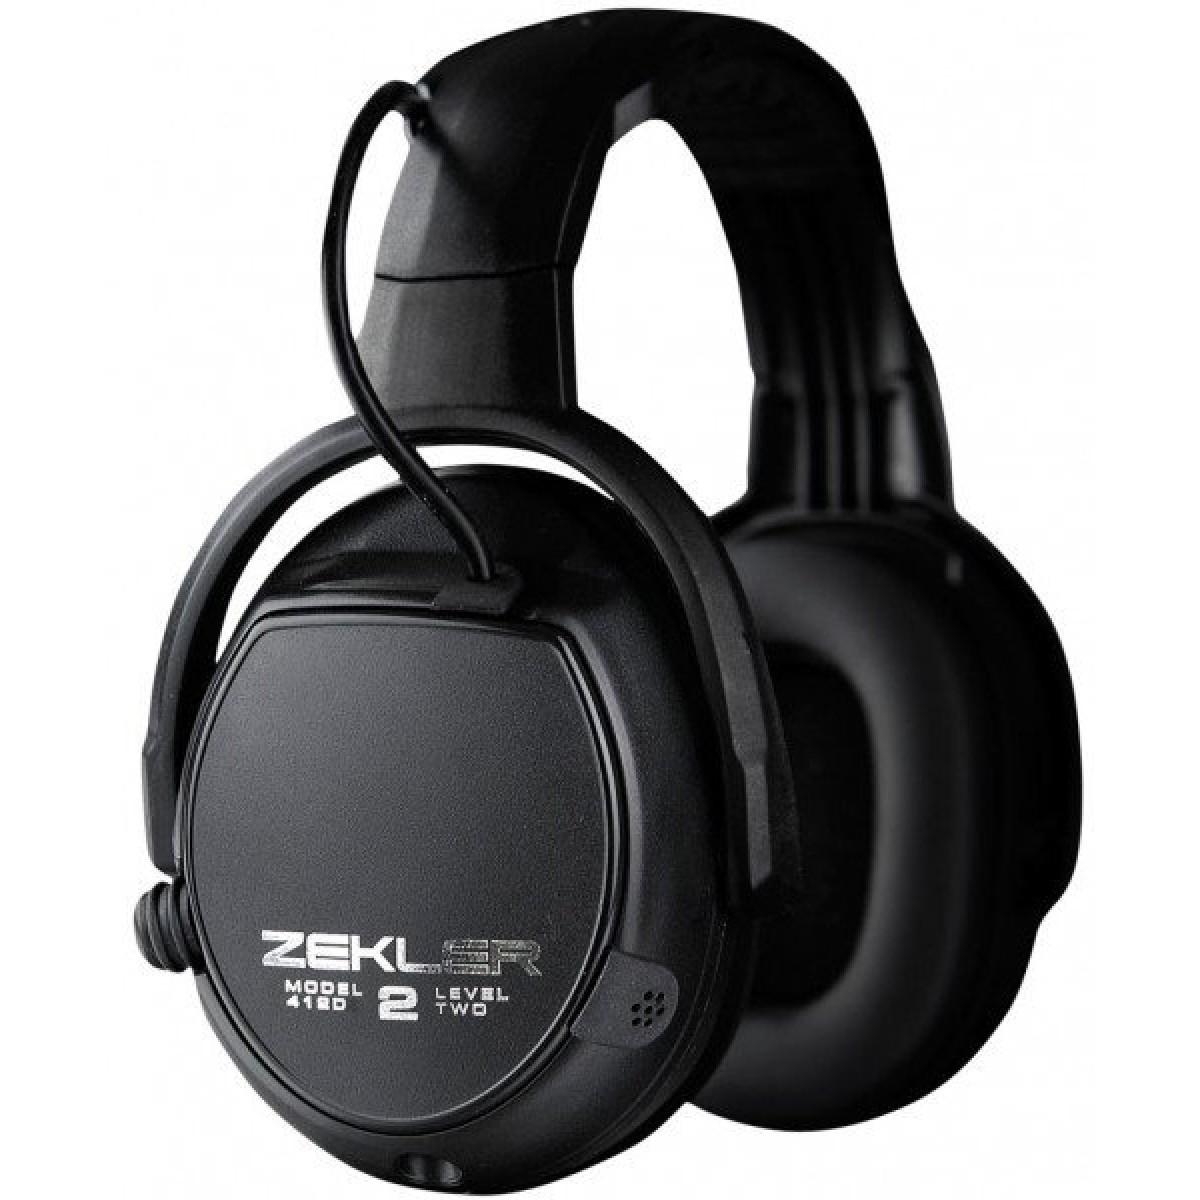 Høreværn Zekler 412D med medhør-31